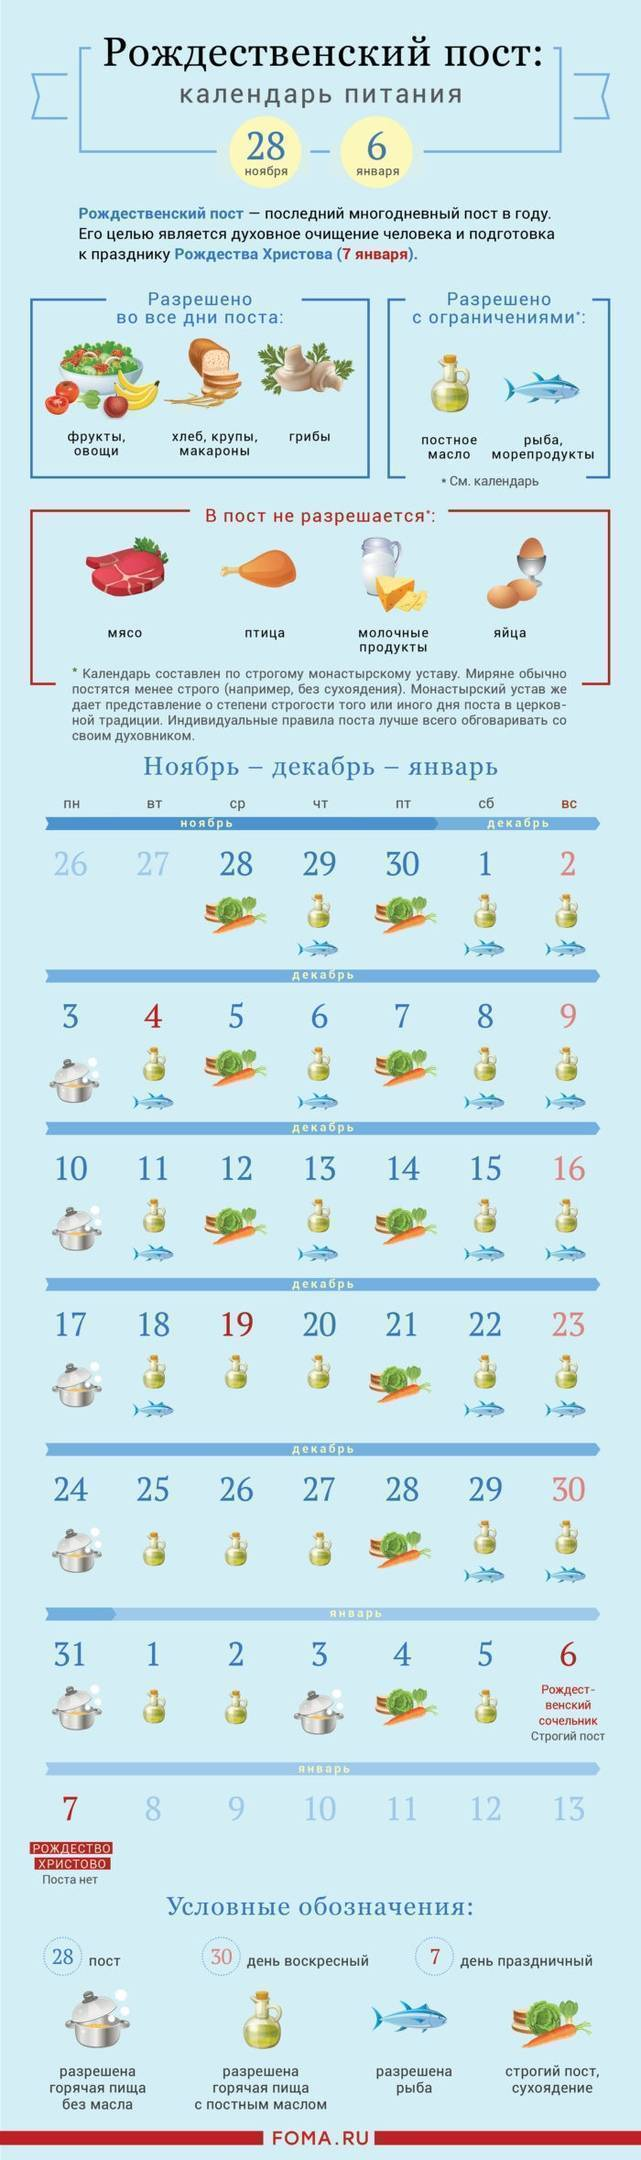 Петров пост 2019: когда начинается, сколько длится, правила, календарь питания по дням | новости